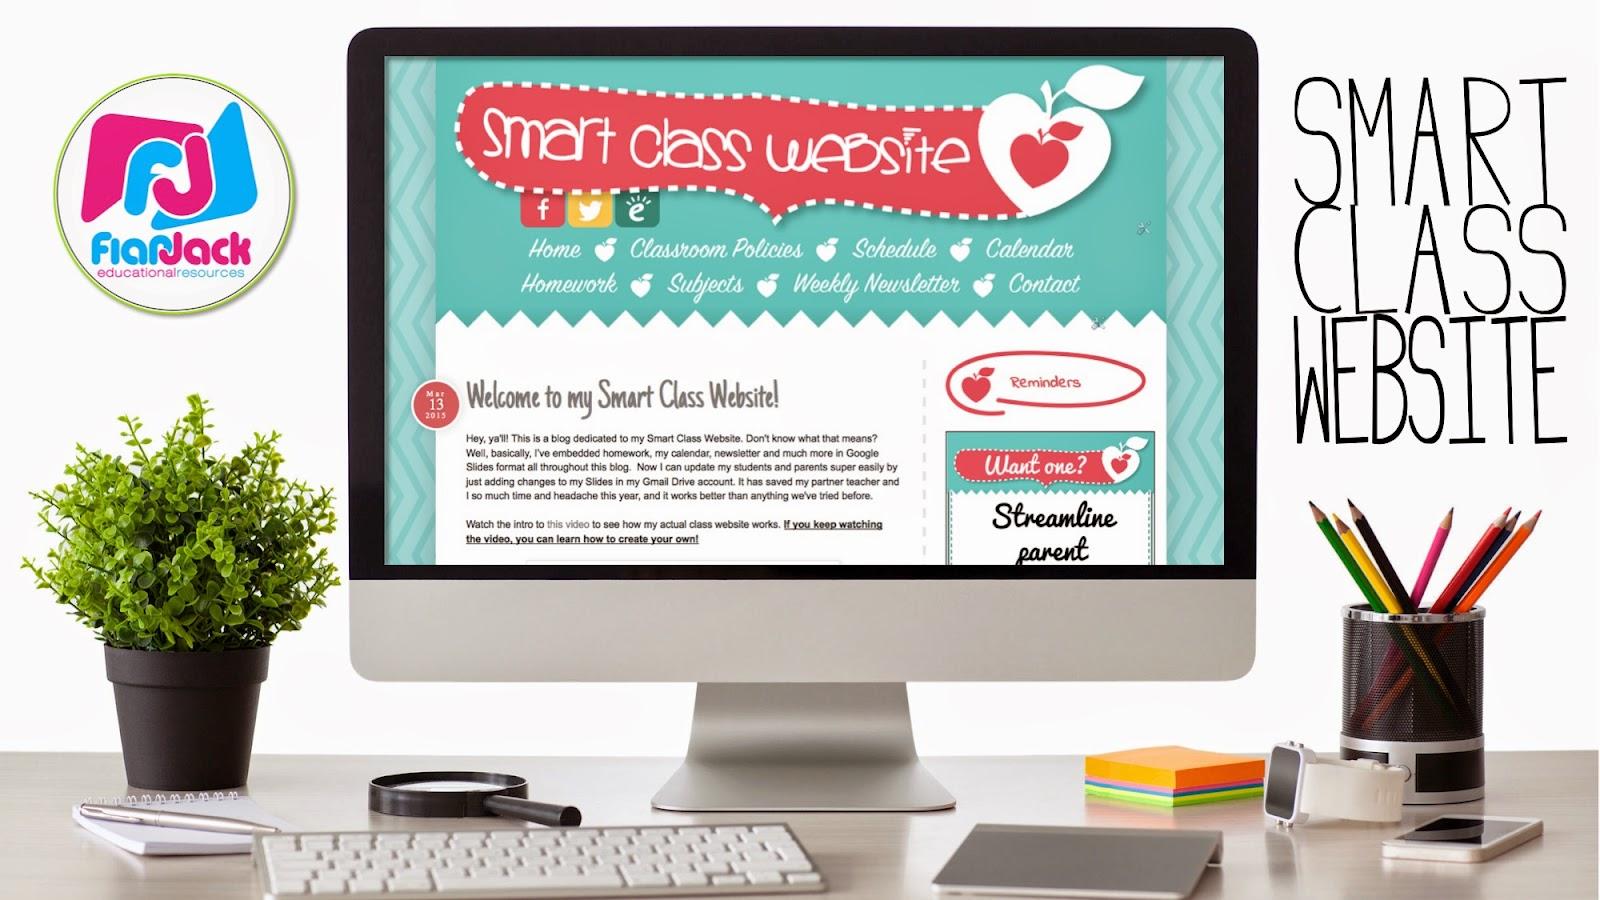 http://www.smartclasswebsite.com/